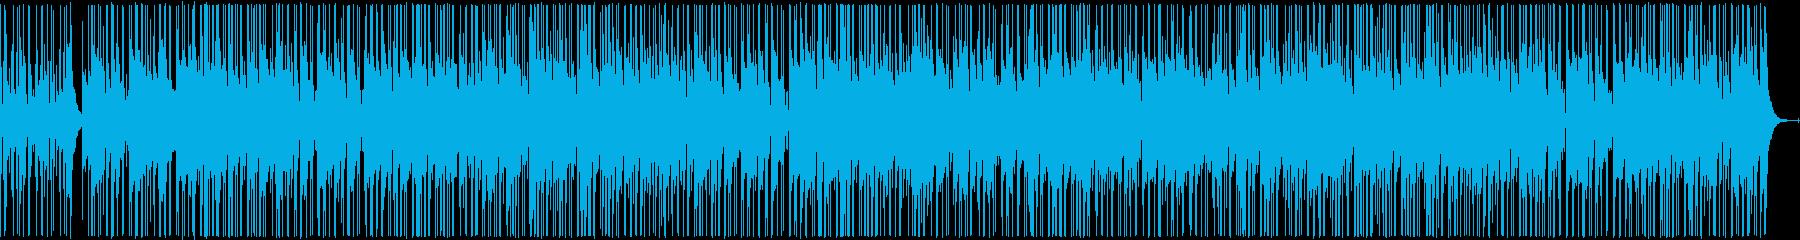 軽快なカシオペア風ジャズファンクの再生済みの波形